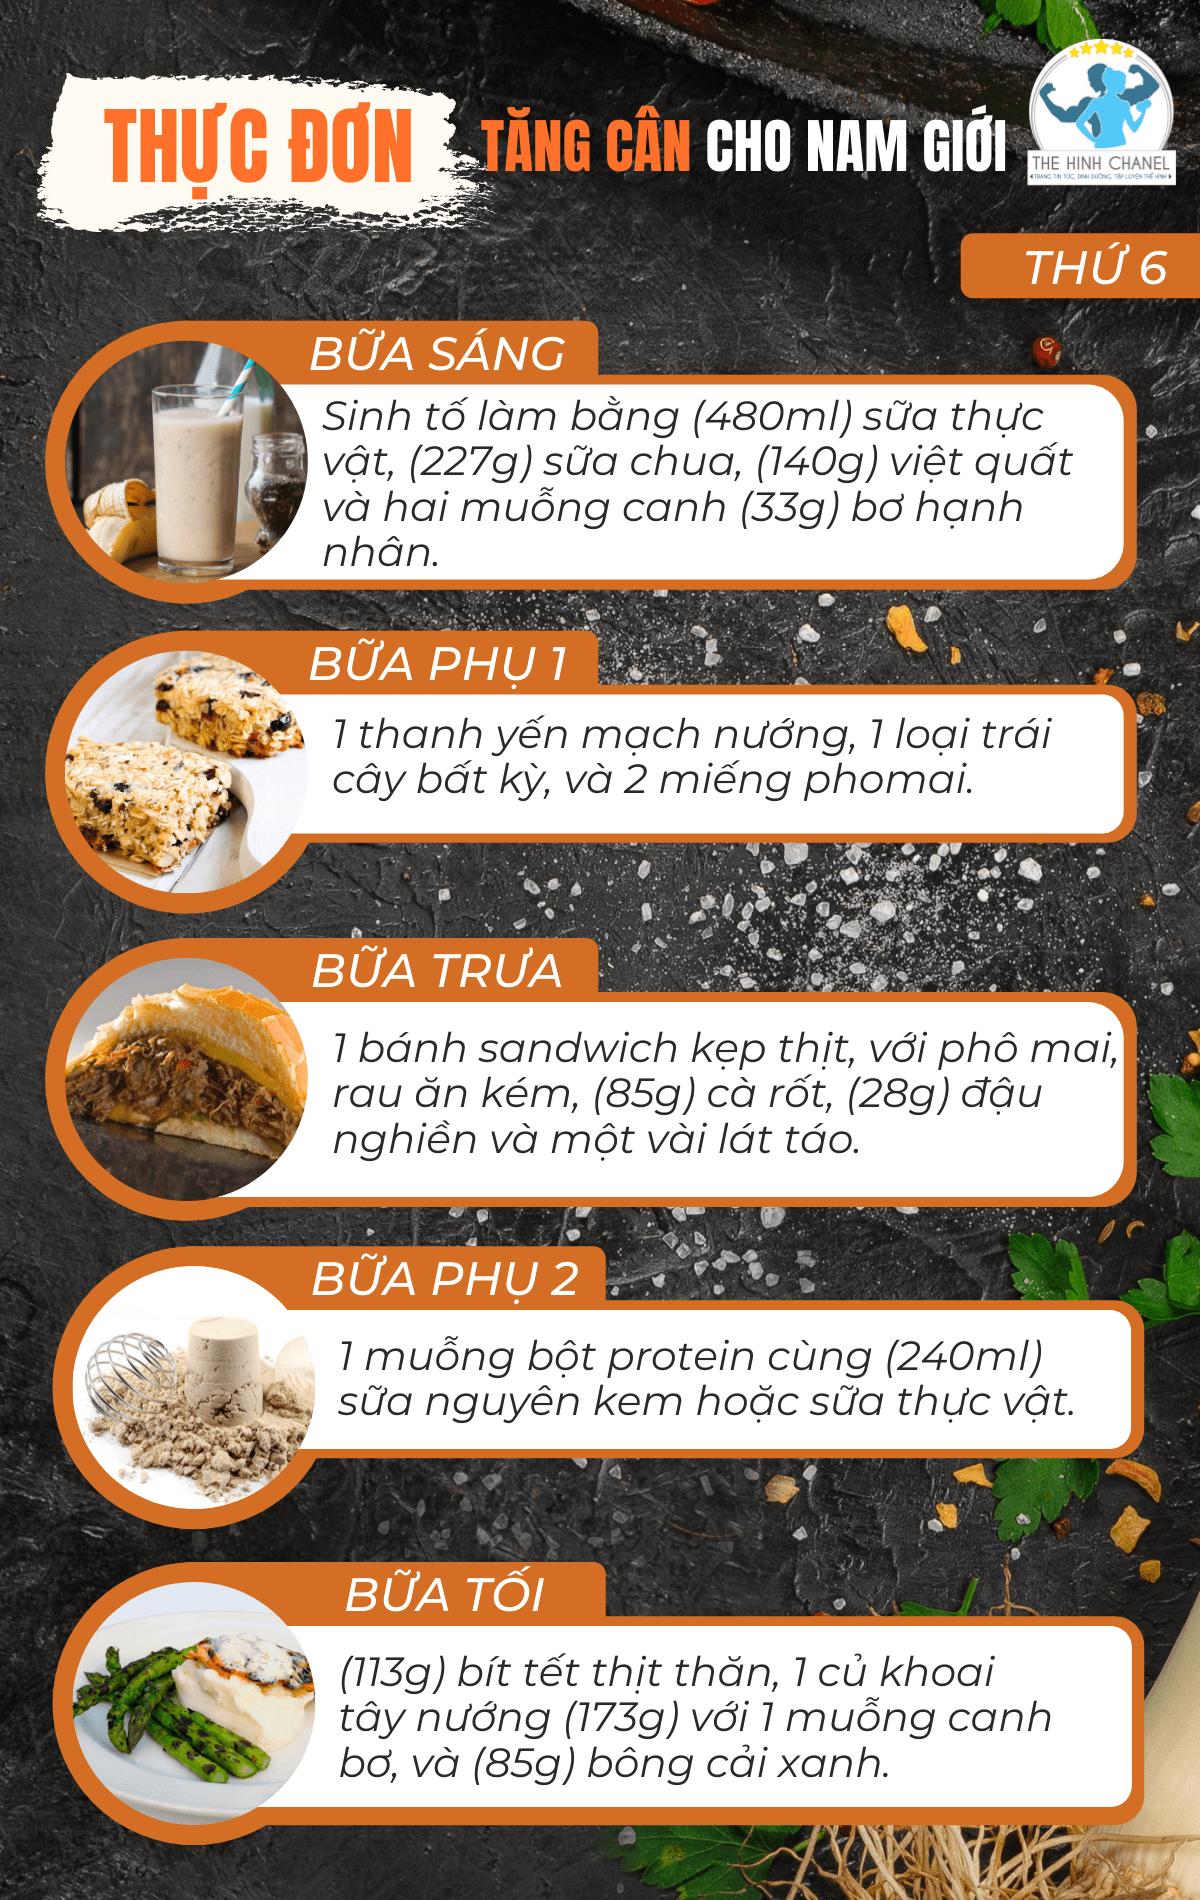 Nam giới muốn tằn cân nhanh cần ăn bao nhiêu calo mỗi ngày? Bí quyết tăng cân cho nam giới chỉ trong 1 tháng đơn giản có thật sự hiệu quả ?